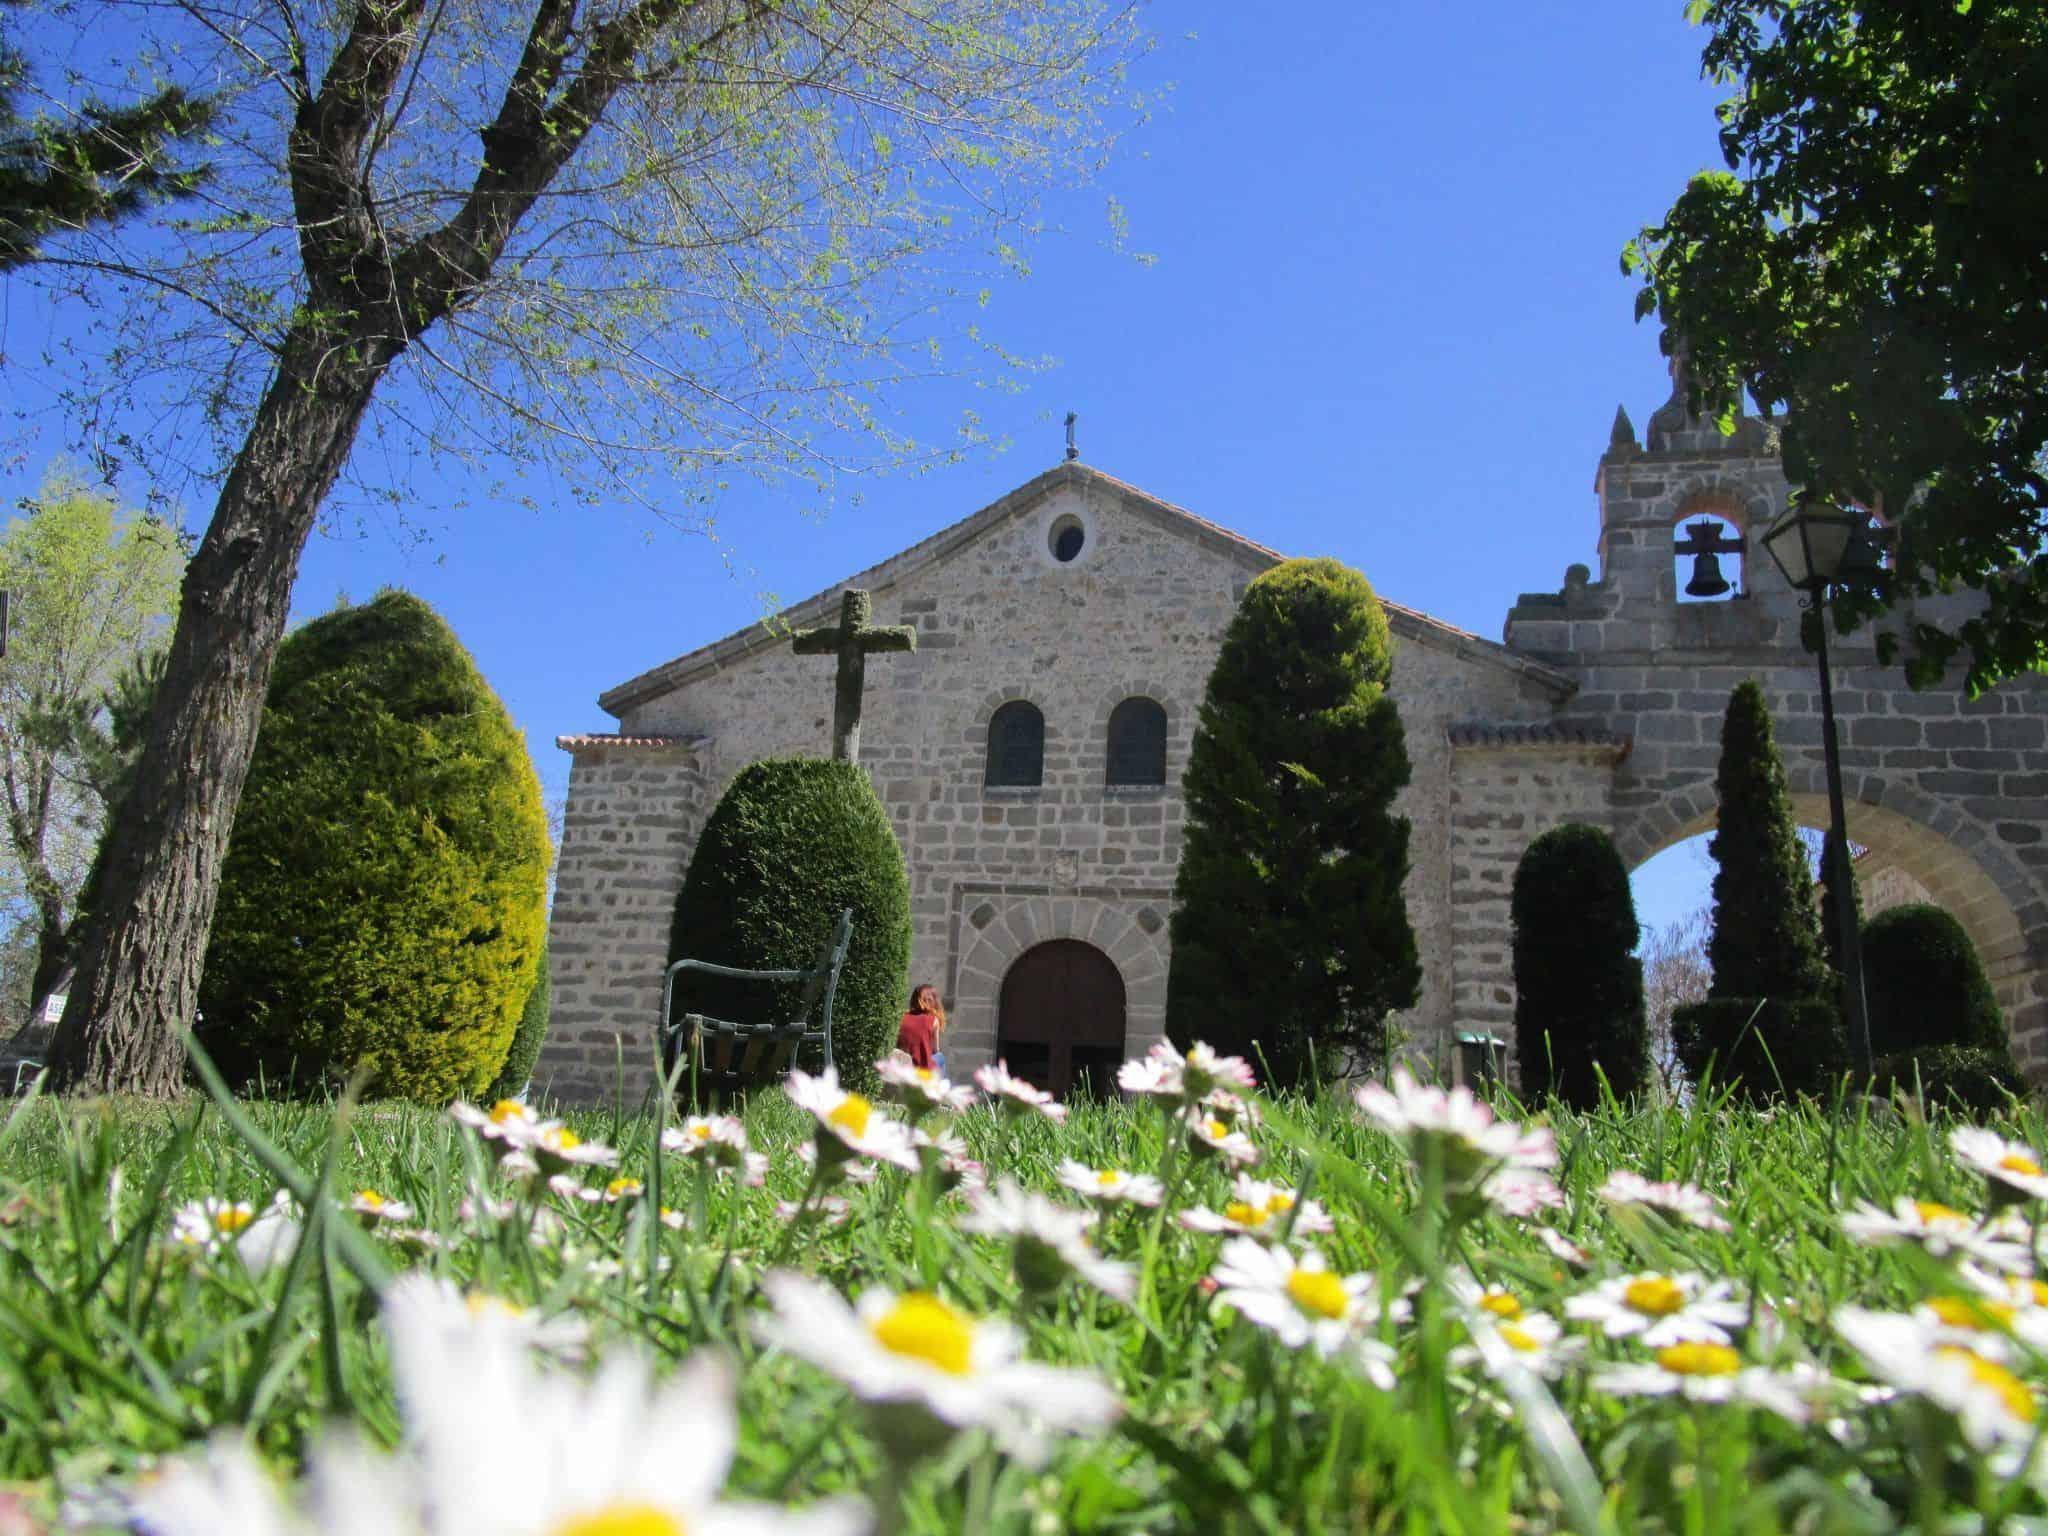 Los alrededores de la iglesia de Sonsoles son súper agradables.